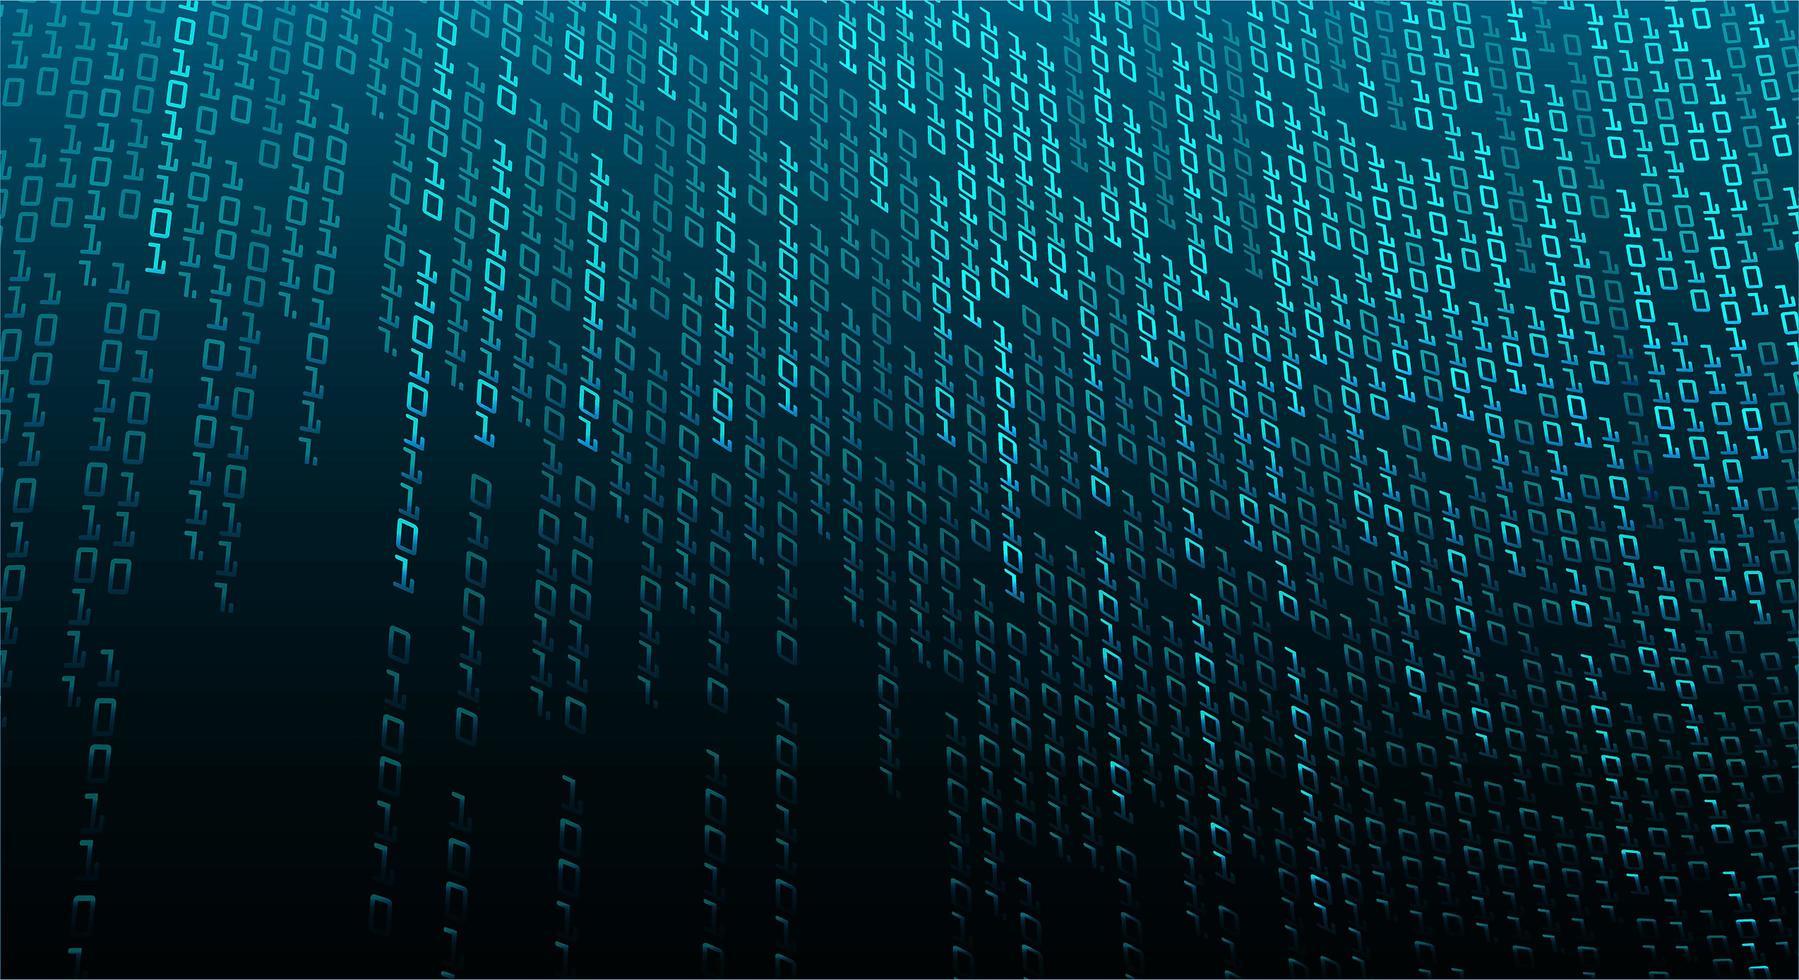 fondo de tecnología futura del circuito cibernético binario azul vector